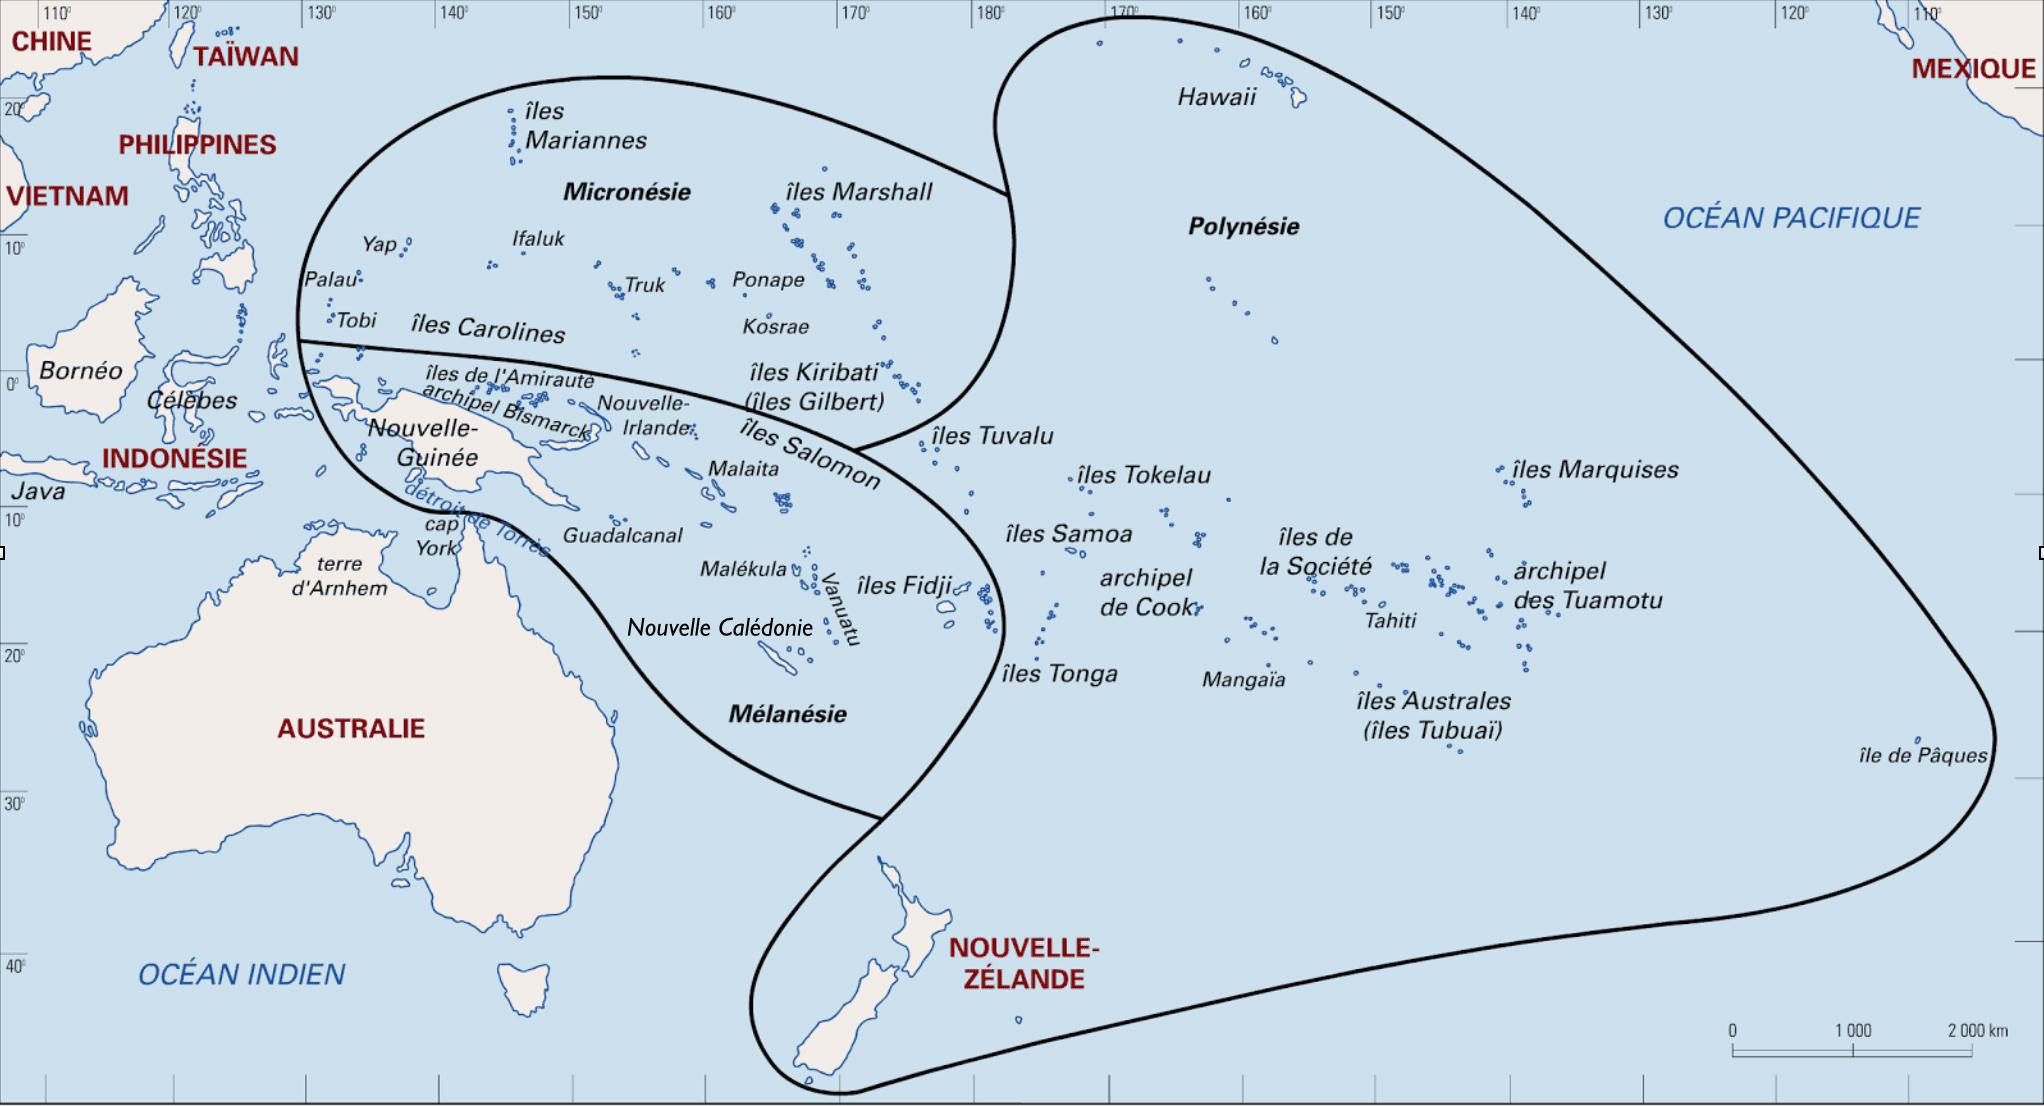 Zone Culturelles D'océanie D'après Mervyn Mclean©dr